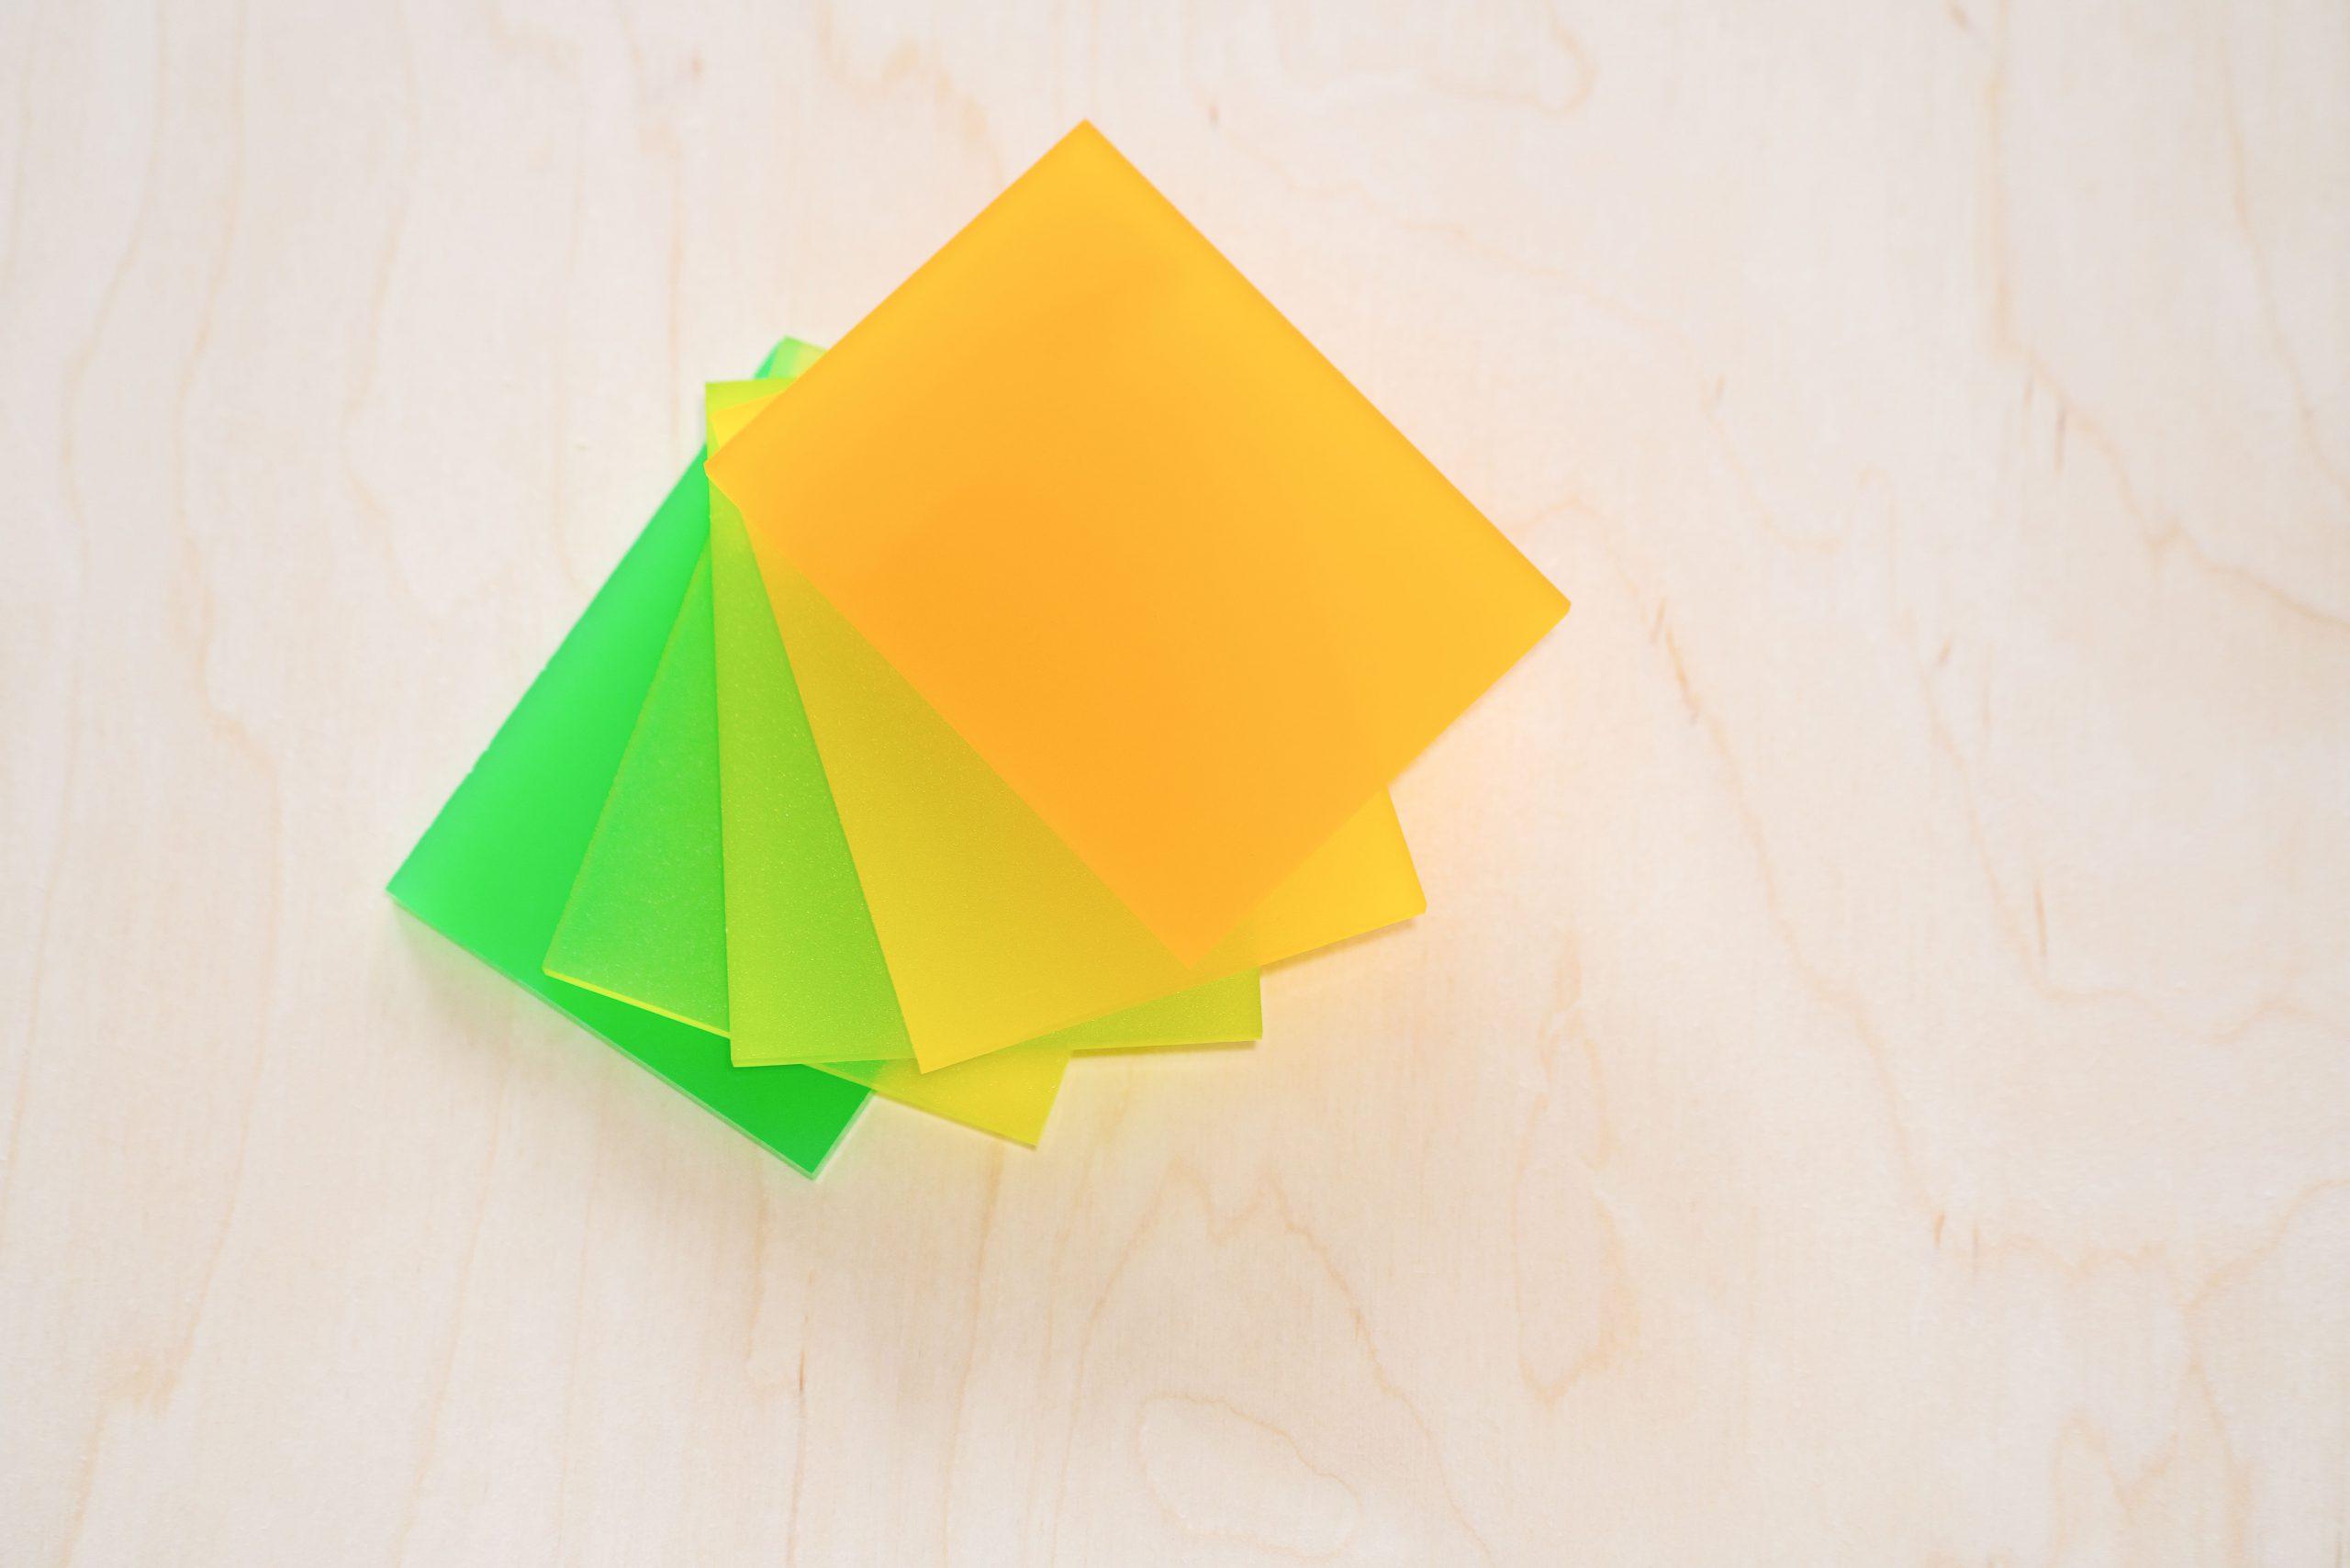 Dekoracje z plexi – jak możesz je wykorzystać w aranżacji wnętrza?